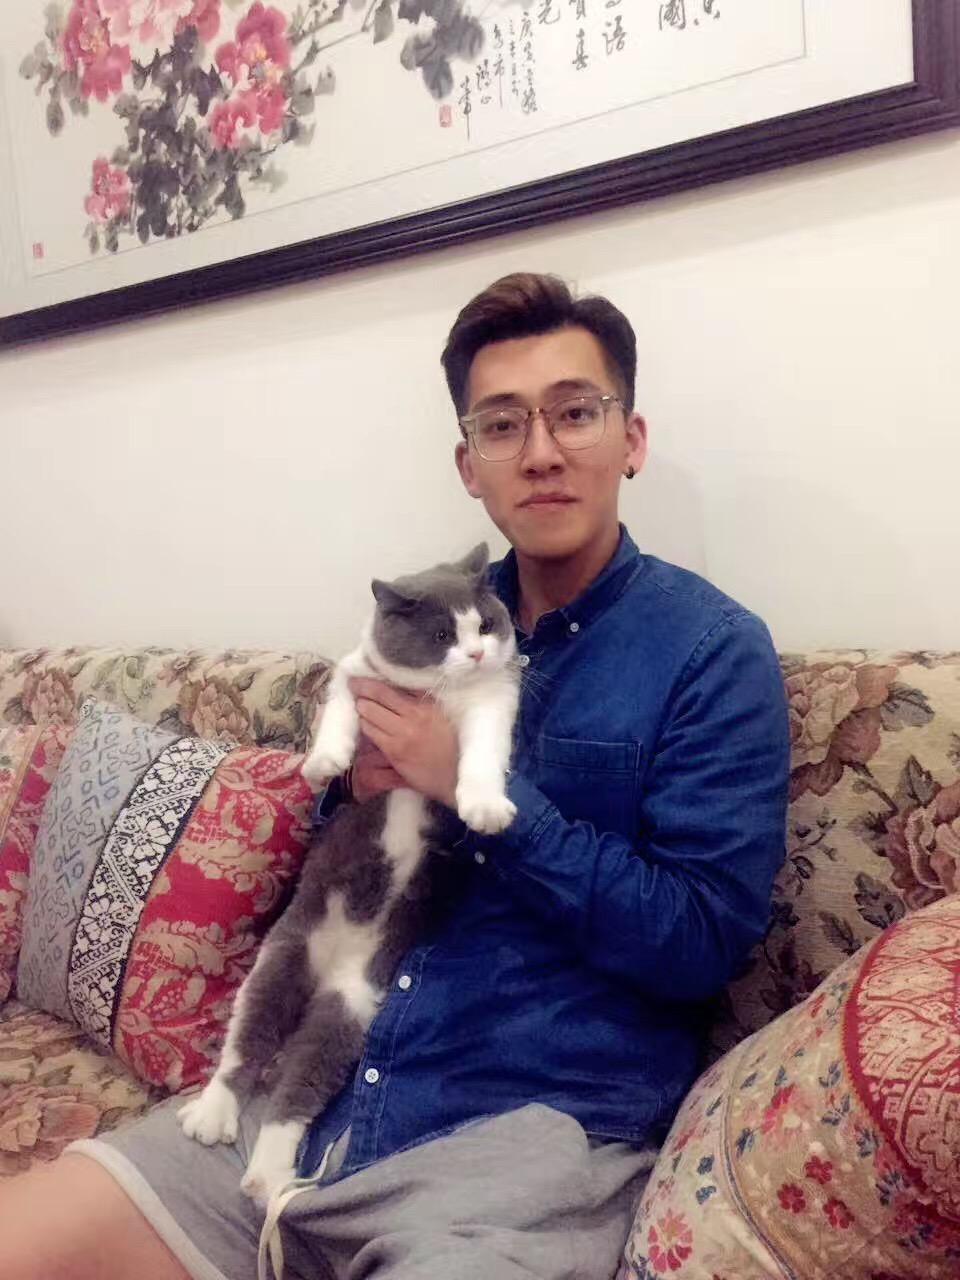 我叫龙敬宇,之前在美国读书,现在已经回到上海。身边的朋友都说我是个比较幽默的大男孩,总能给大家带来快乐。希望在这里可以交到好朋友。  🌟已验证,视频里本人更帅